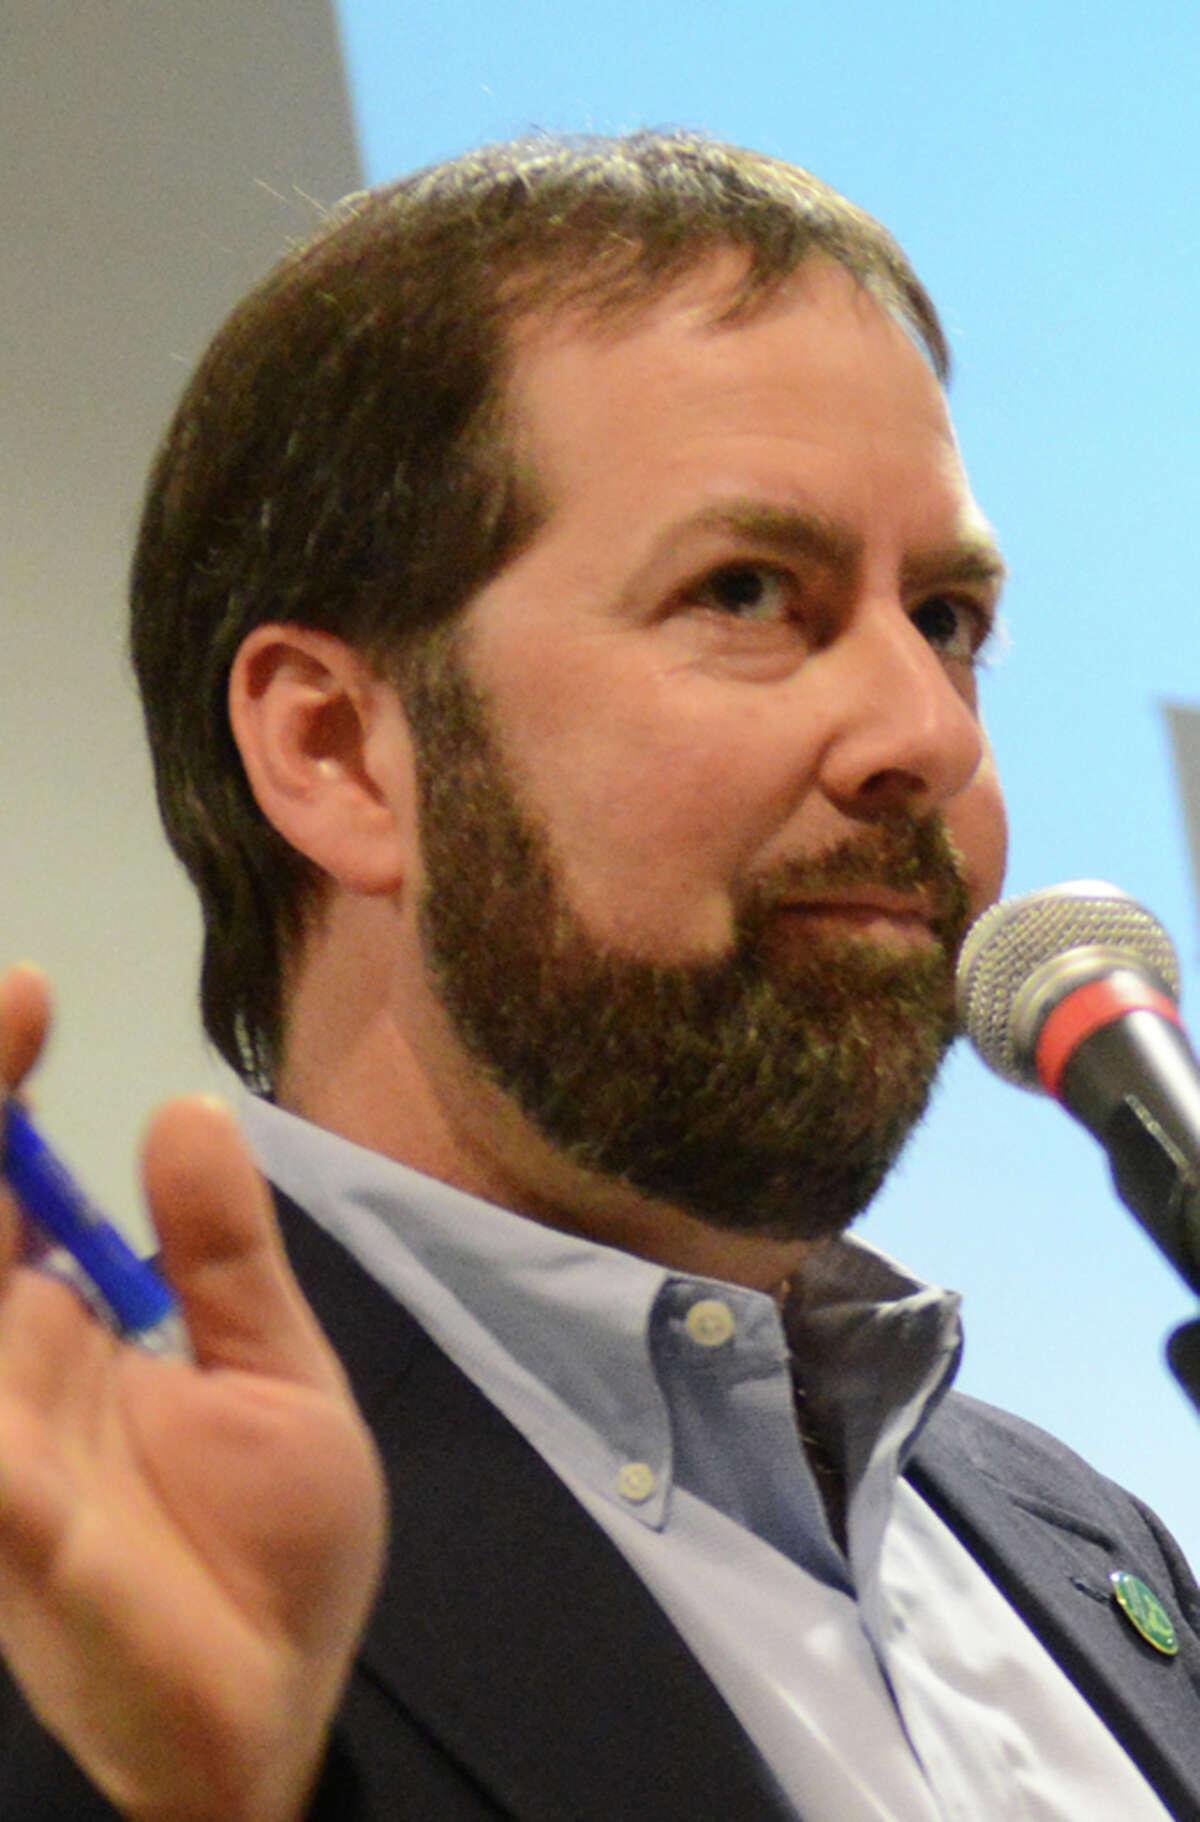 Newtown Action Alliance Founder Dave Ackert